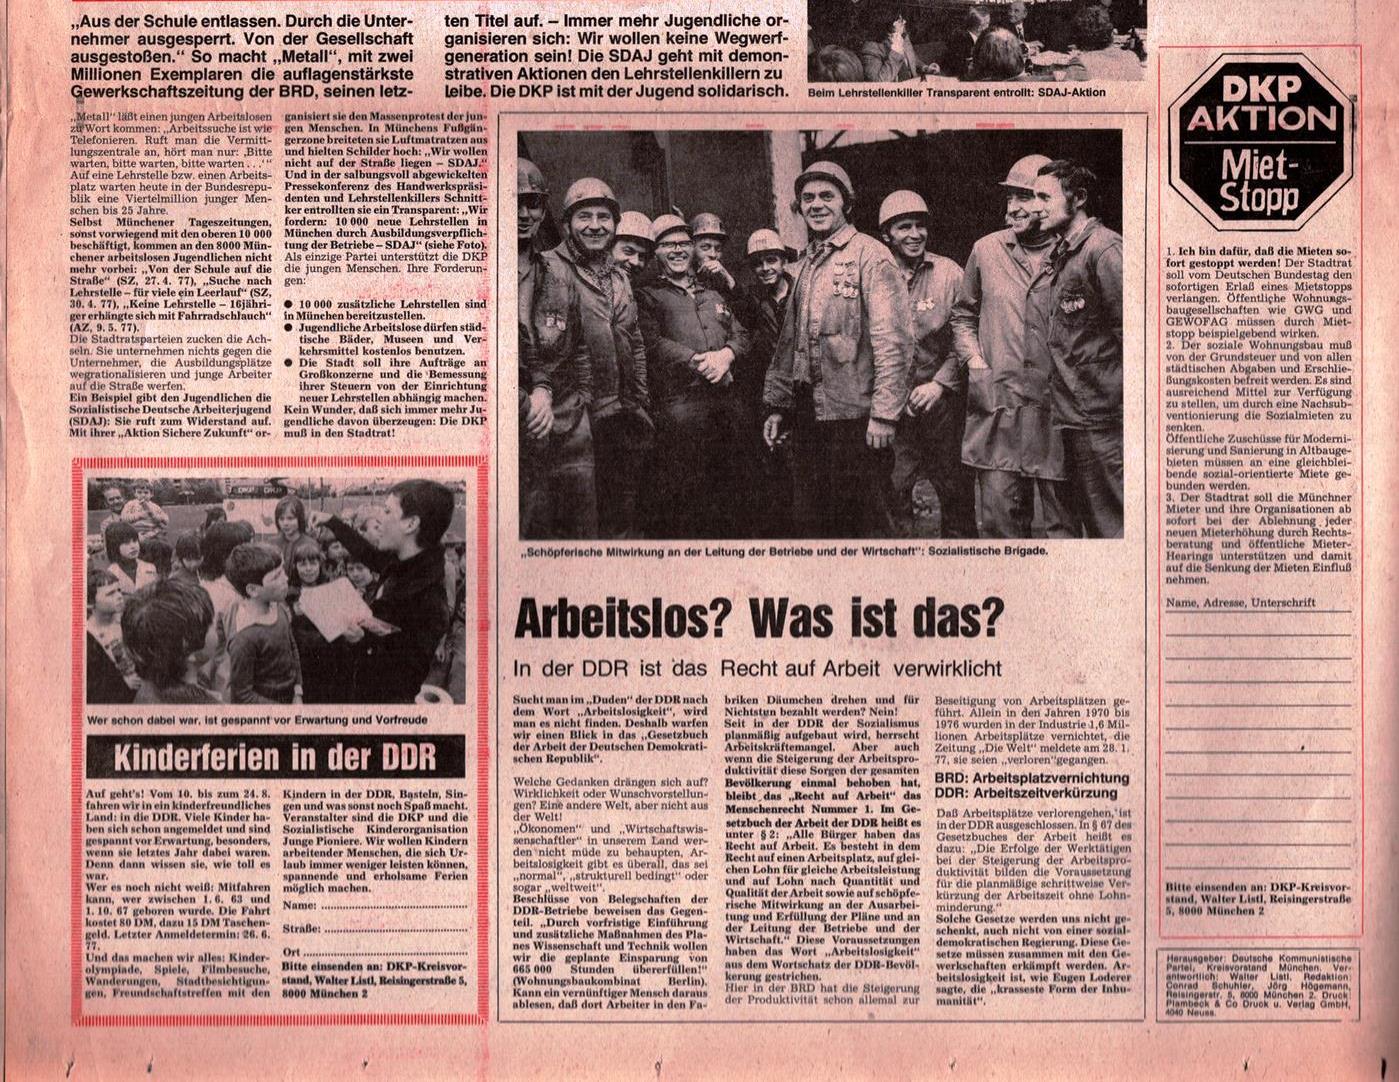 Muenchen_DKP_Neues_Muenchen_19770600_006_004